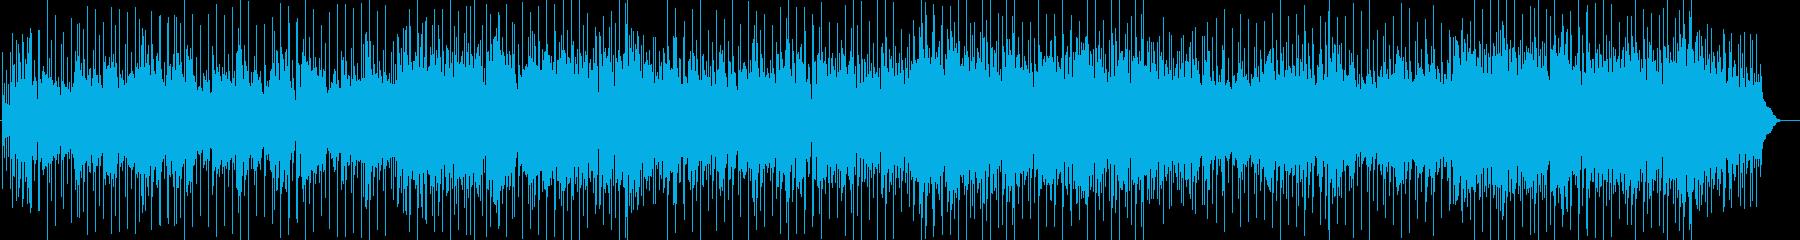 70年代洋楽SOUL メロウなグルーヴの再生済みの波形